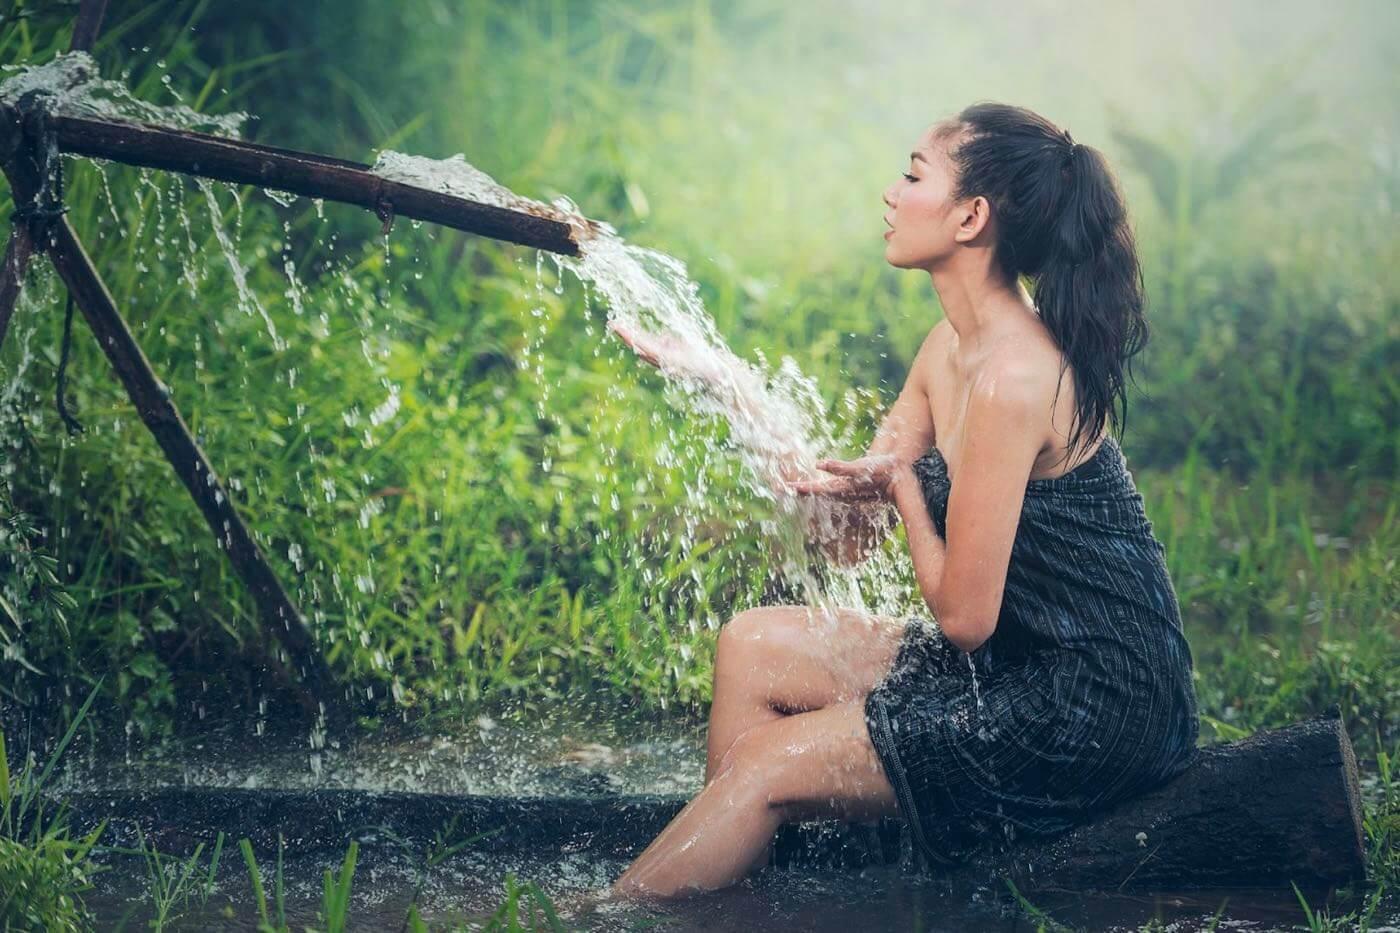 Femme aspergée d'eau froide